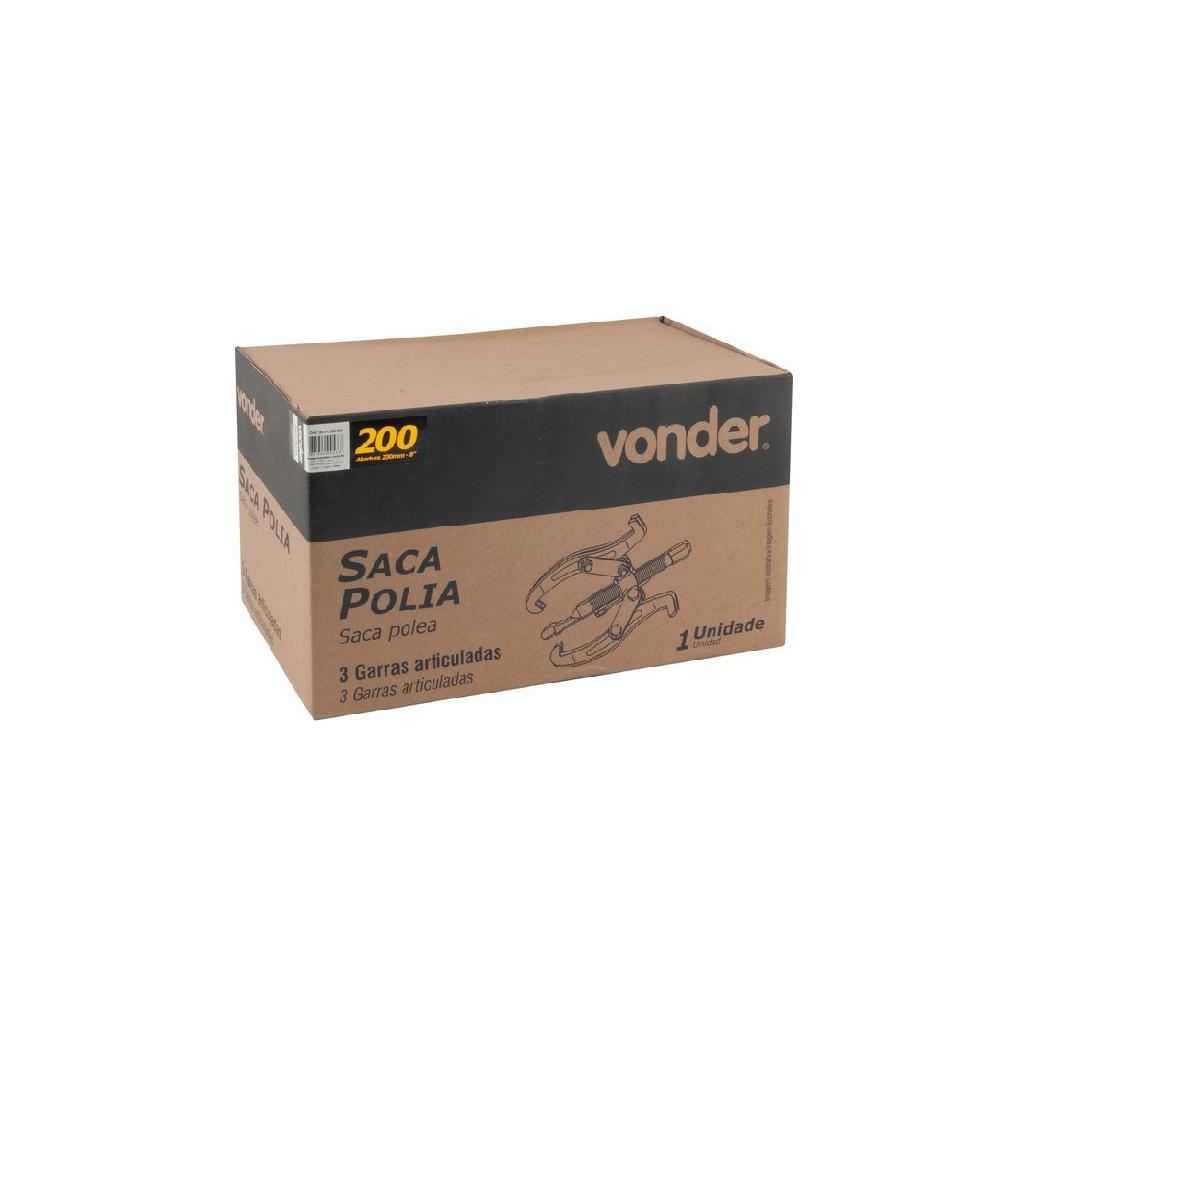 Saca-polia com 3 garras 200mm VONDER